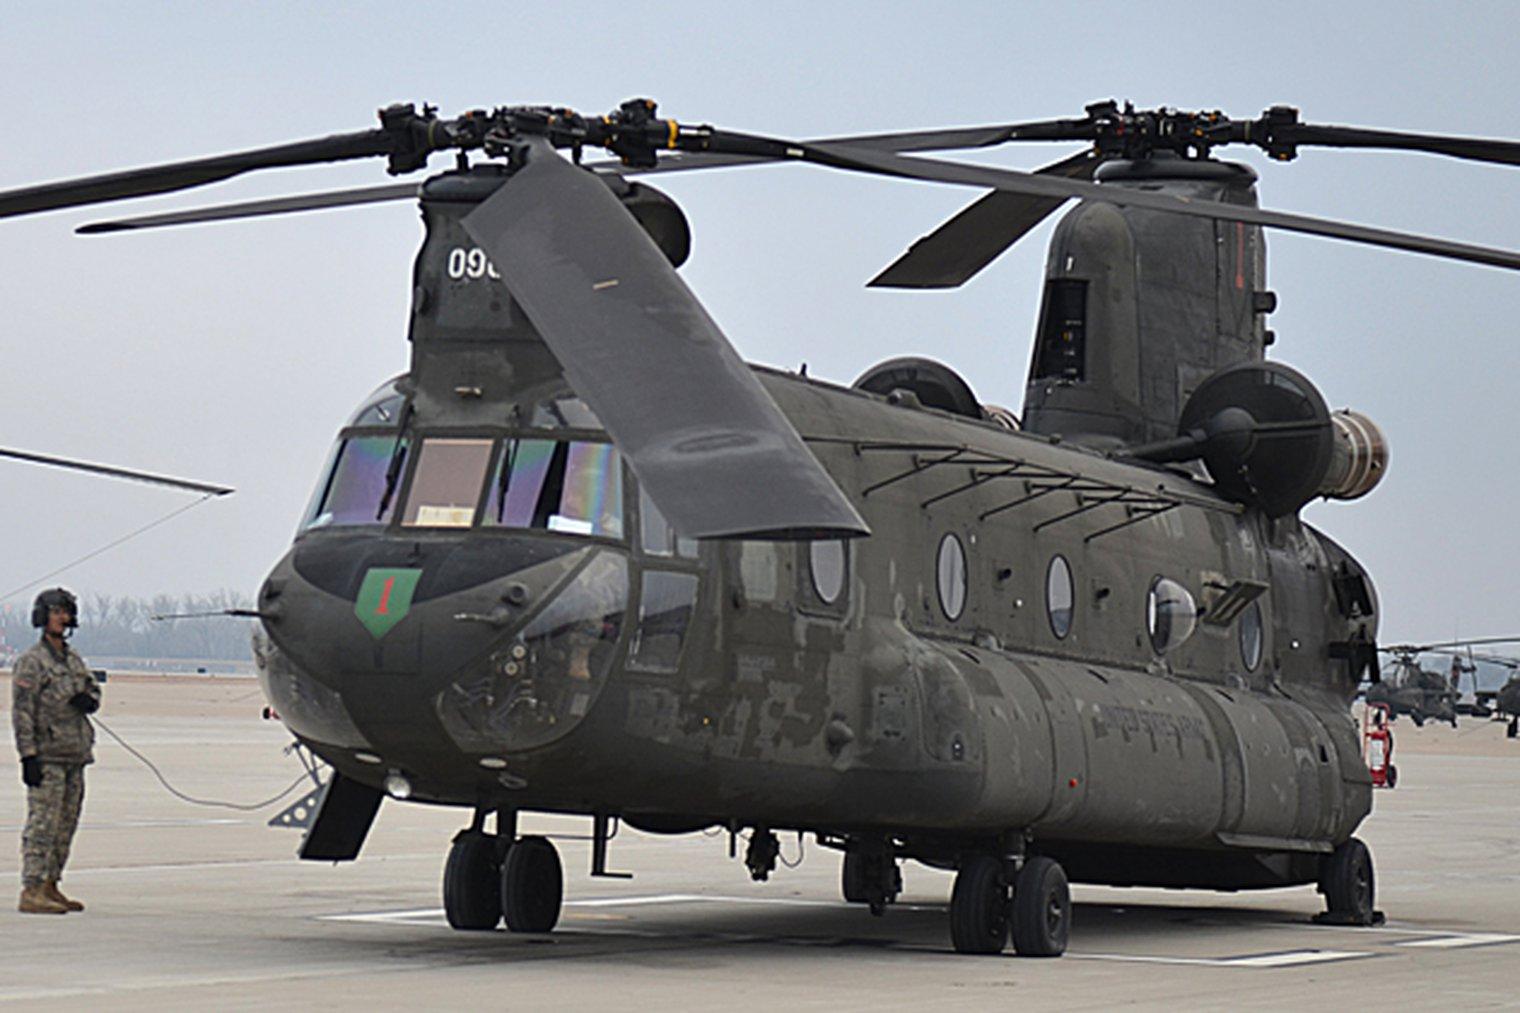 фотография американского вертолета ханкук так